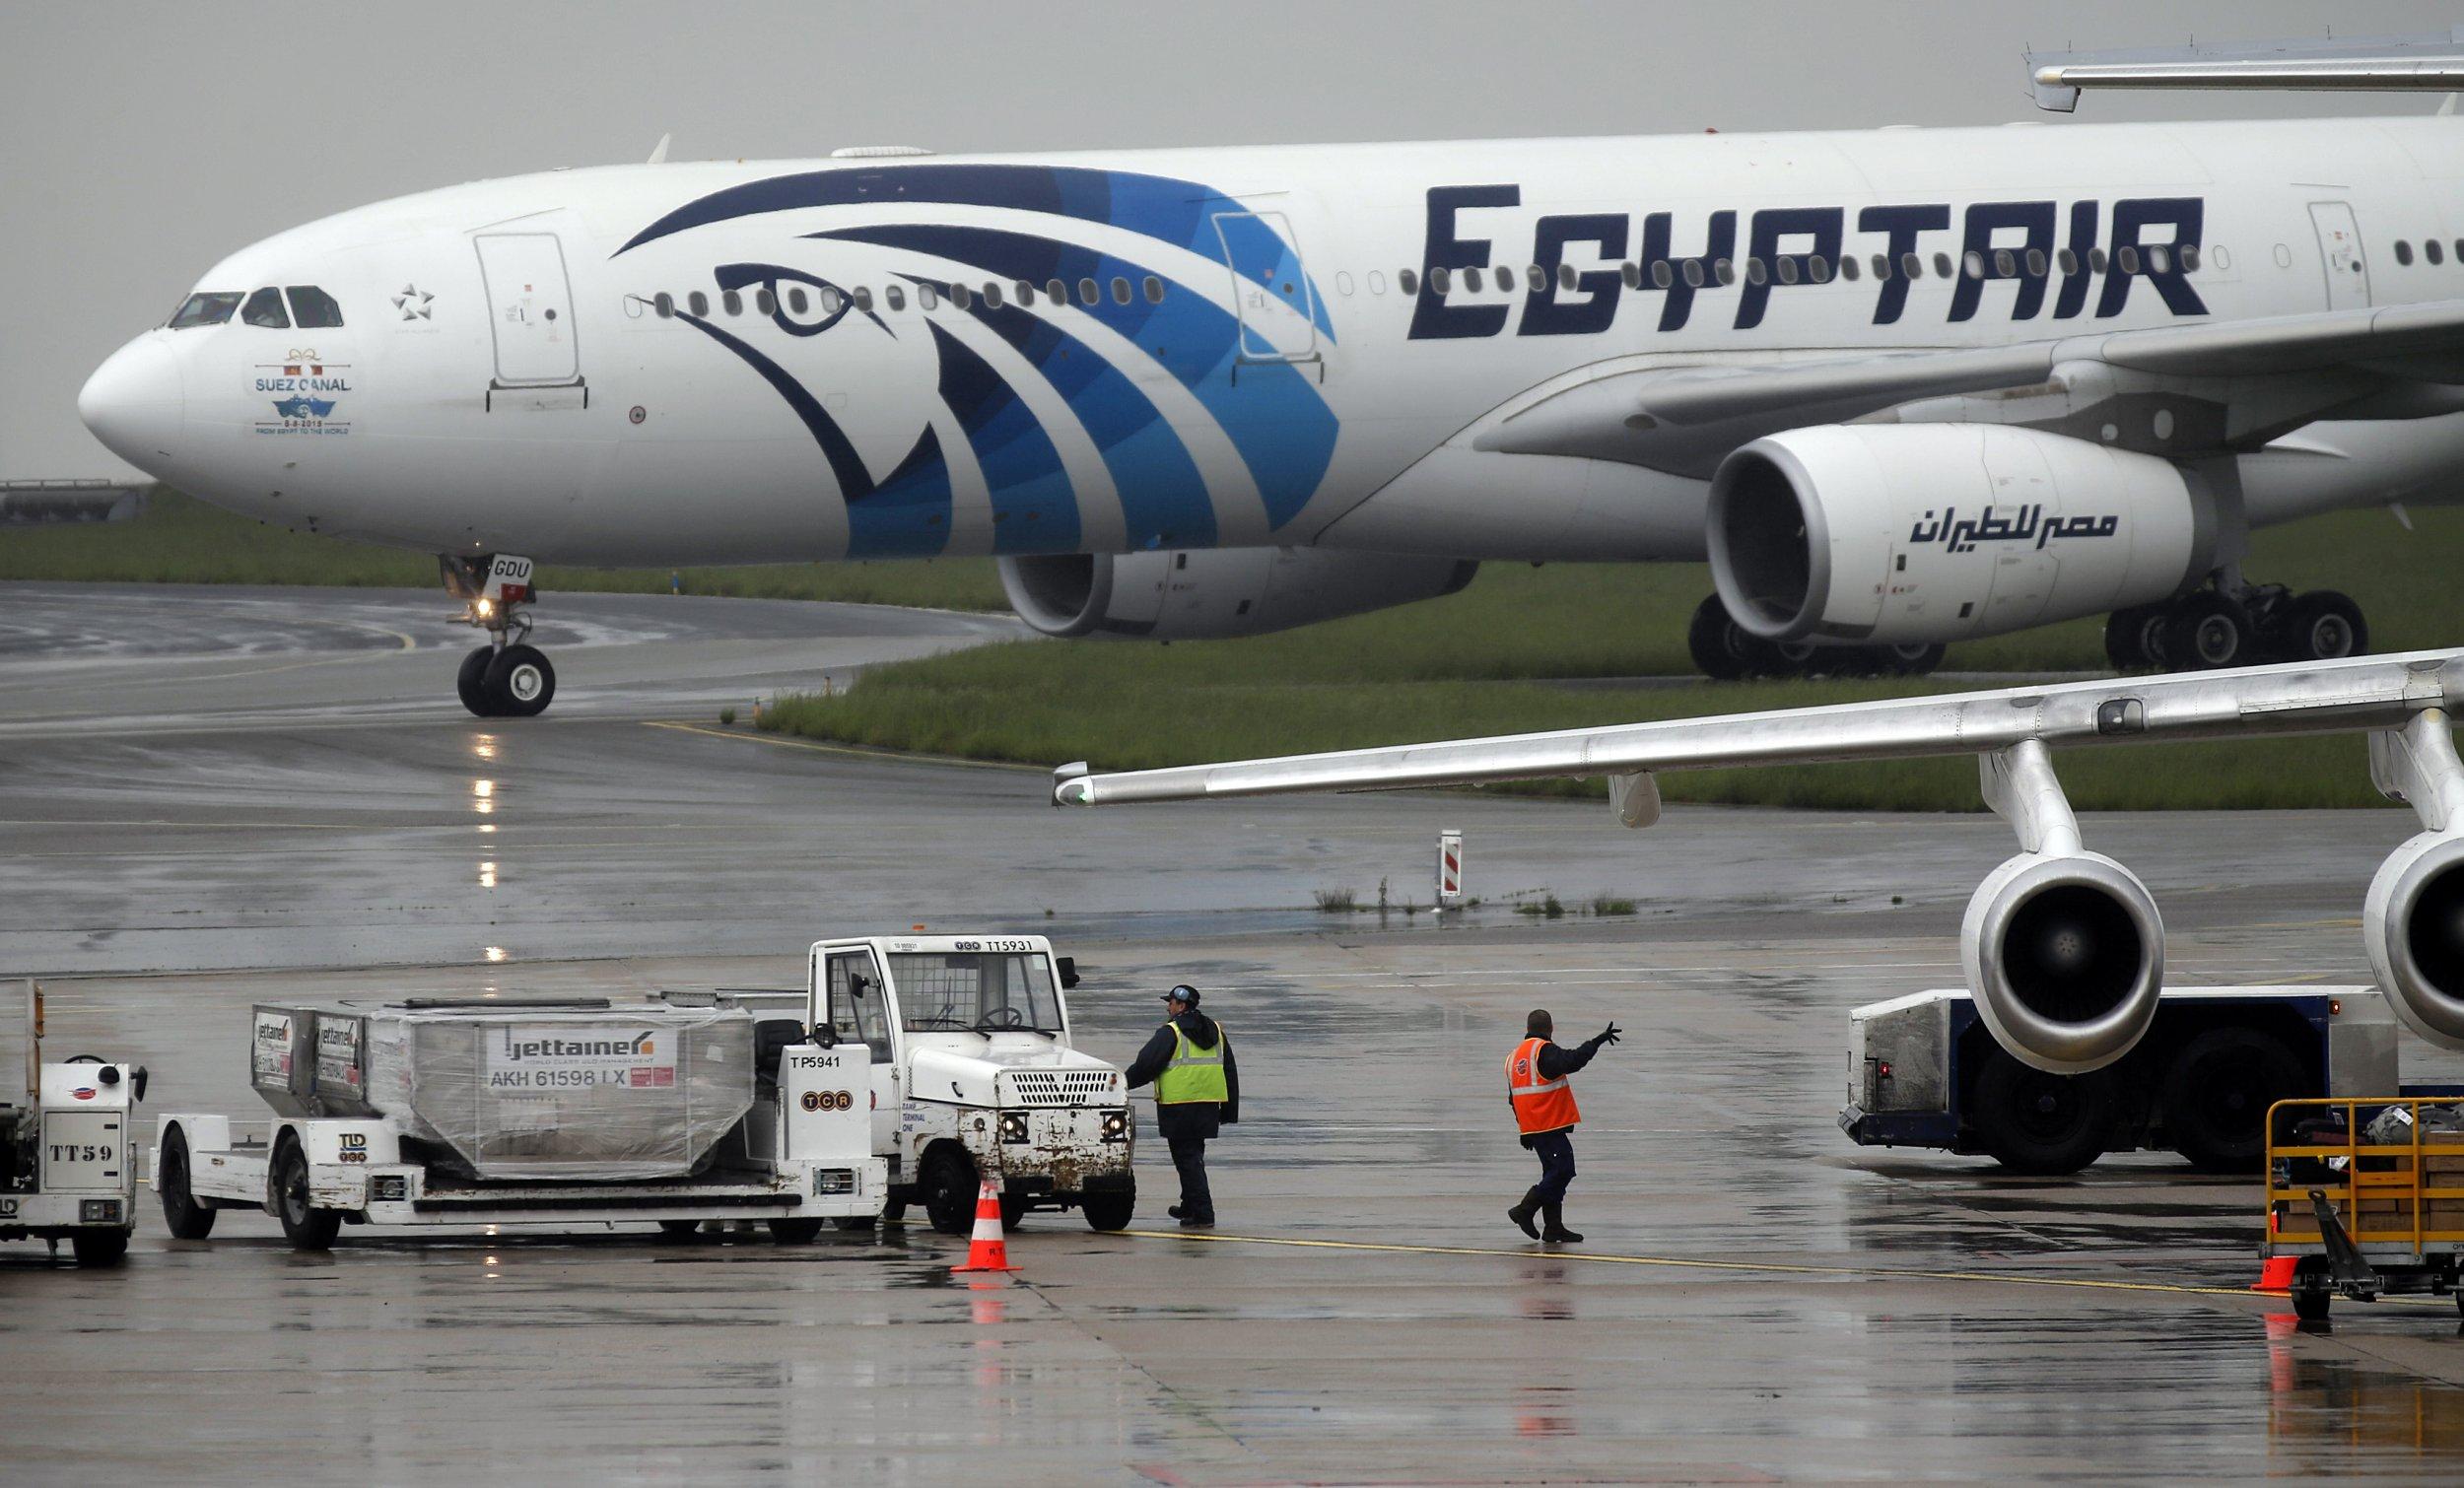 EgyptAir flight